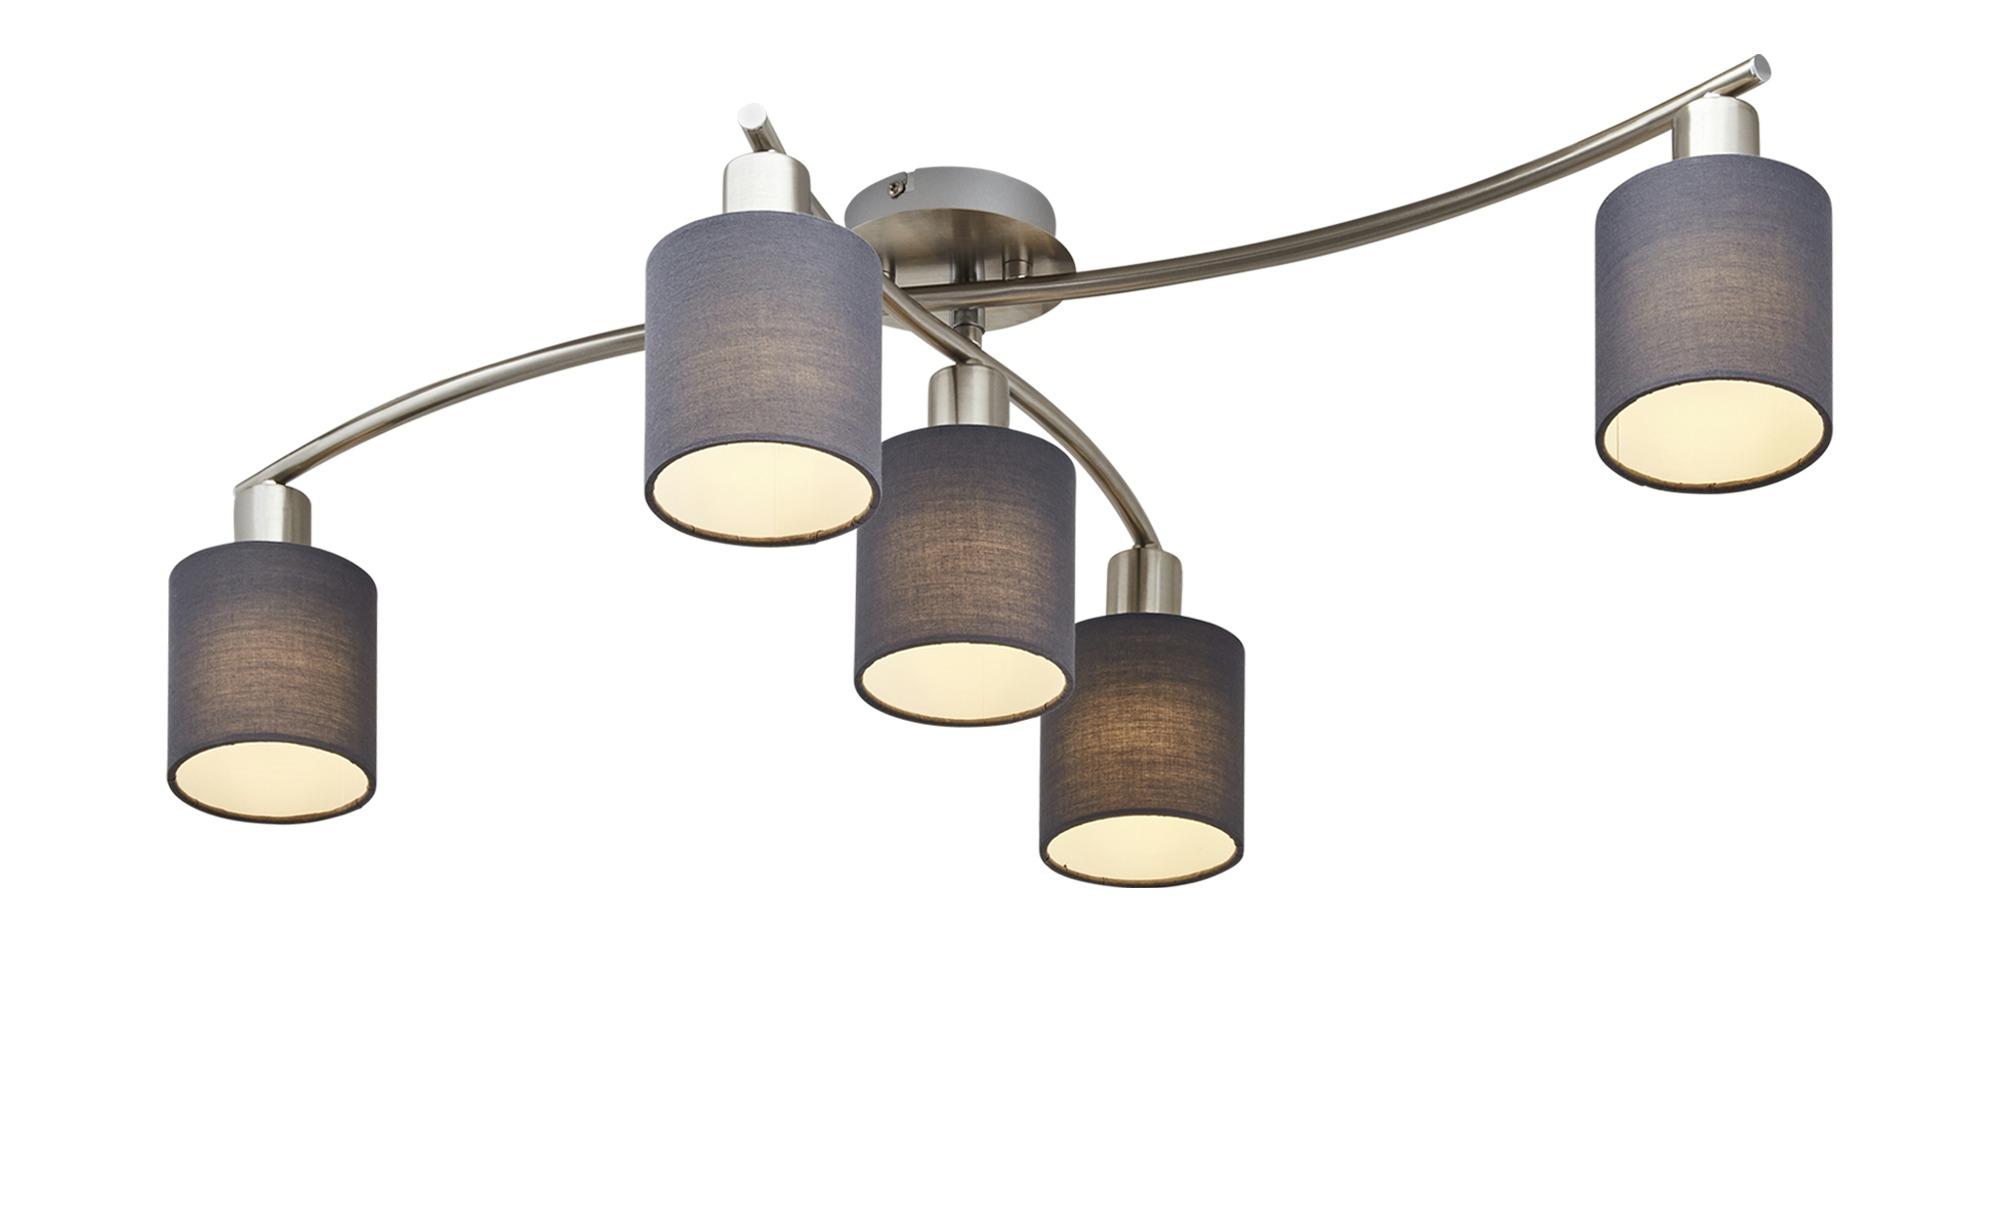 Trio Deckenleuchte 5 Flammig Stoffschirme Grau Silber Materialmix 10 Cm Hoffner Jetzt Bestellen Unter Https Ceiling Lights Modern Chandelier Ceiling